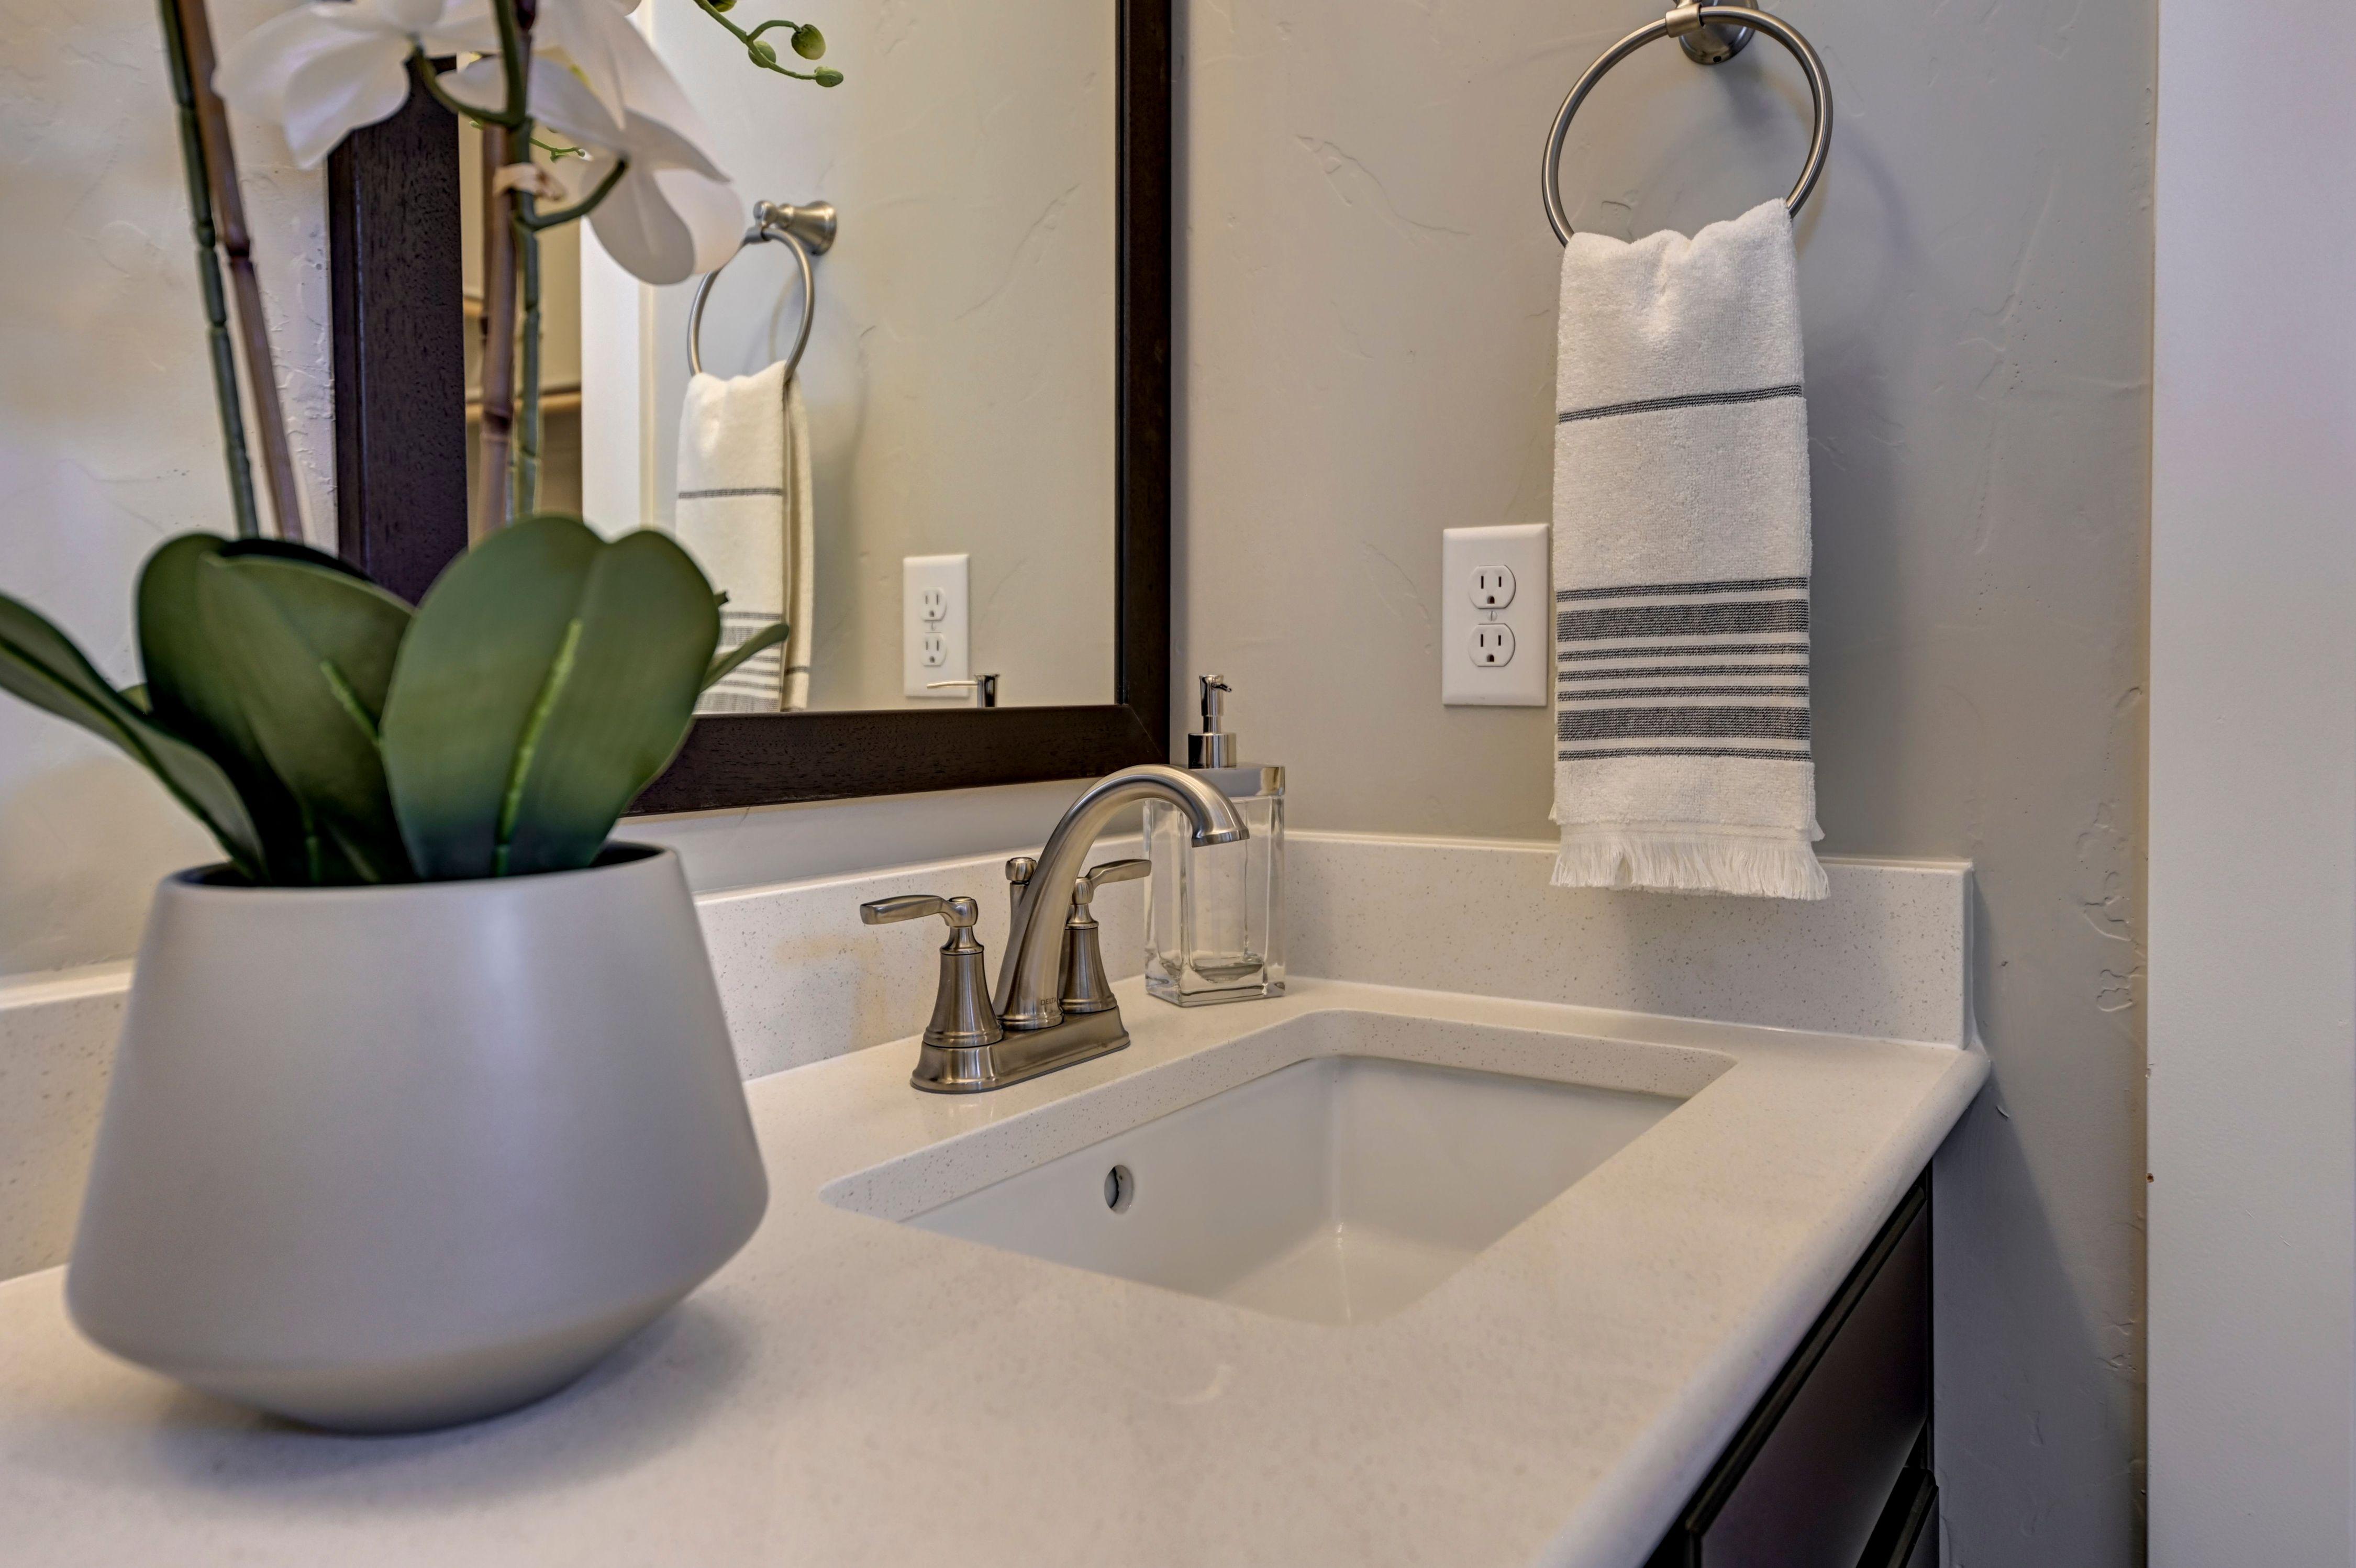 Bathroom featured in the Jones By Adamo Homes in Colorado Springs, CO